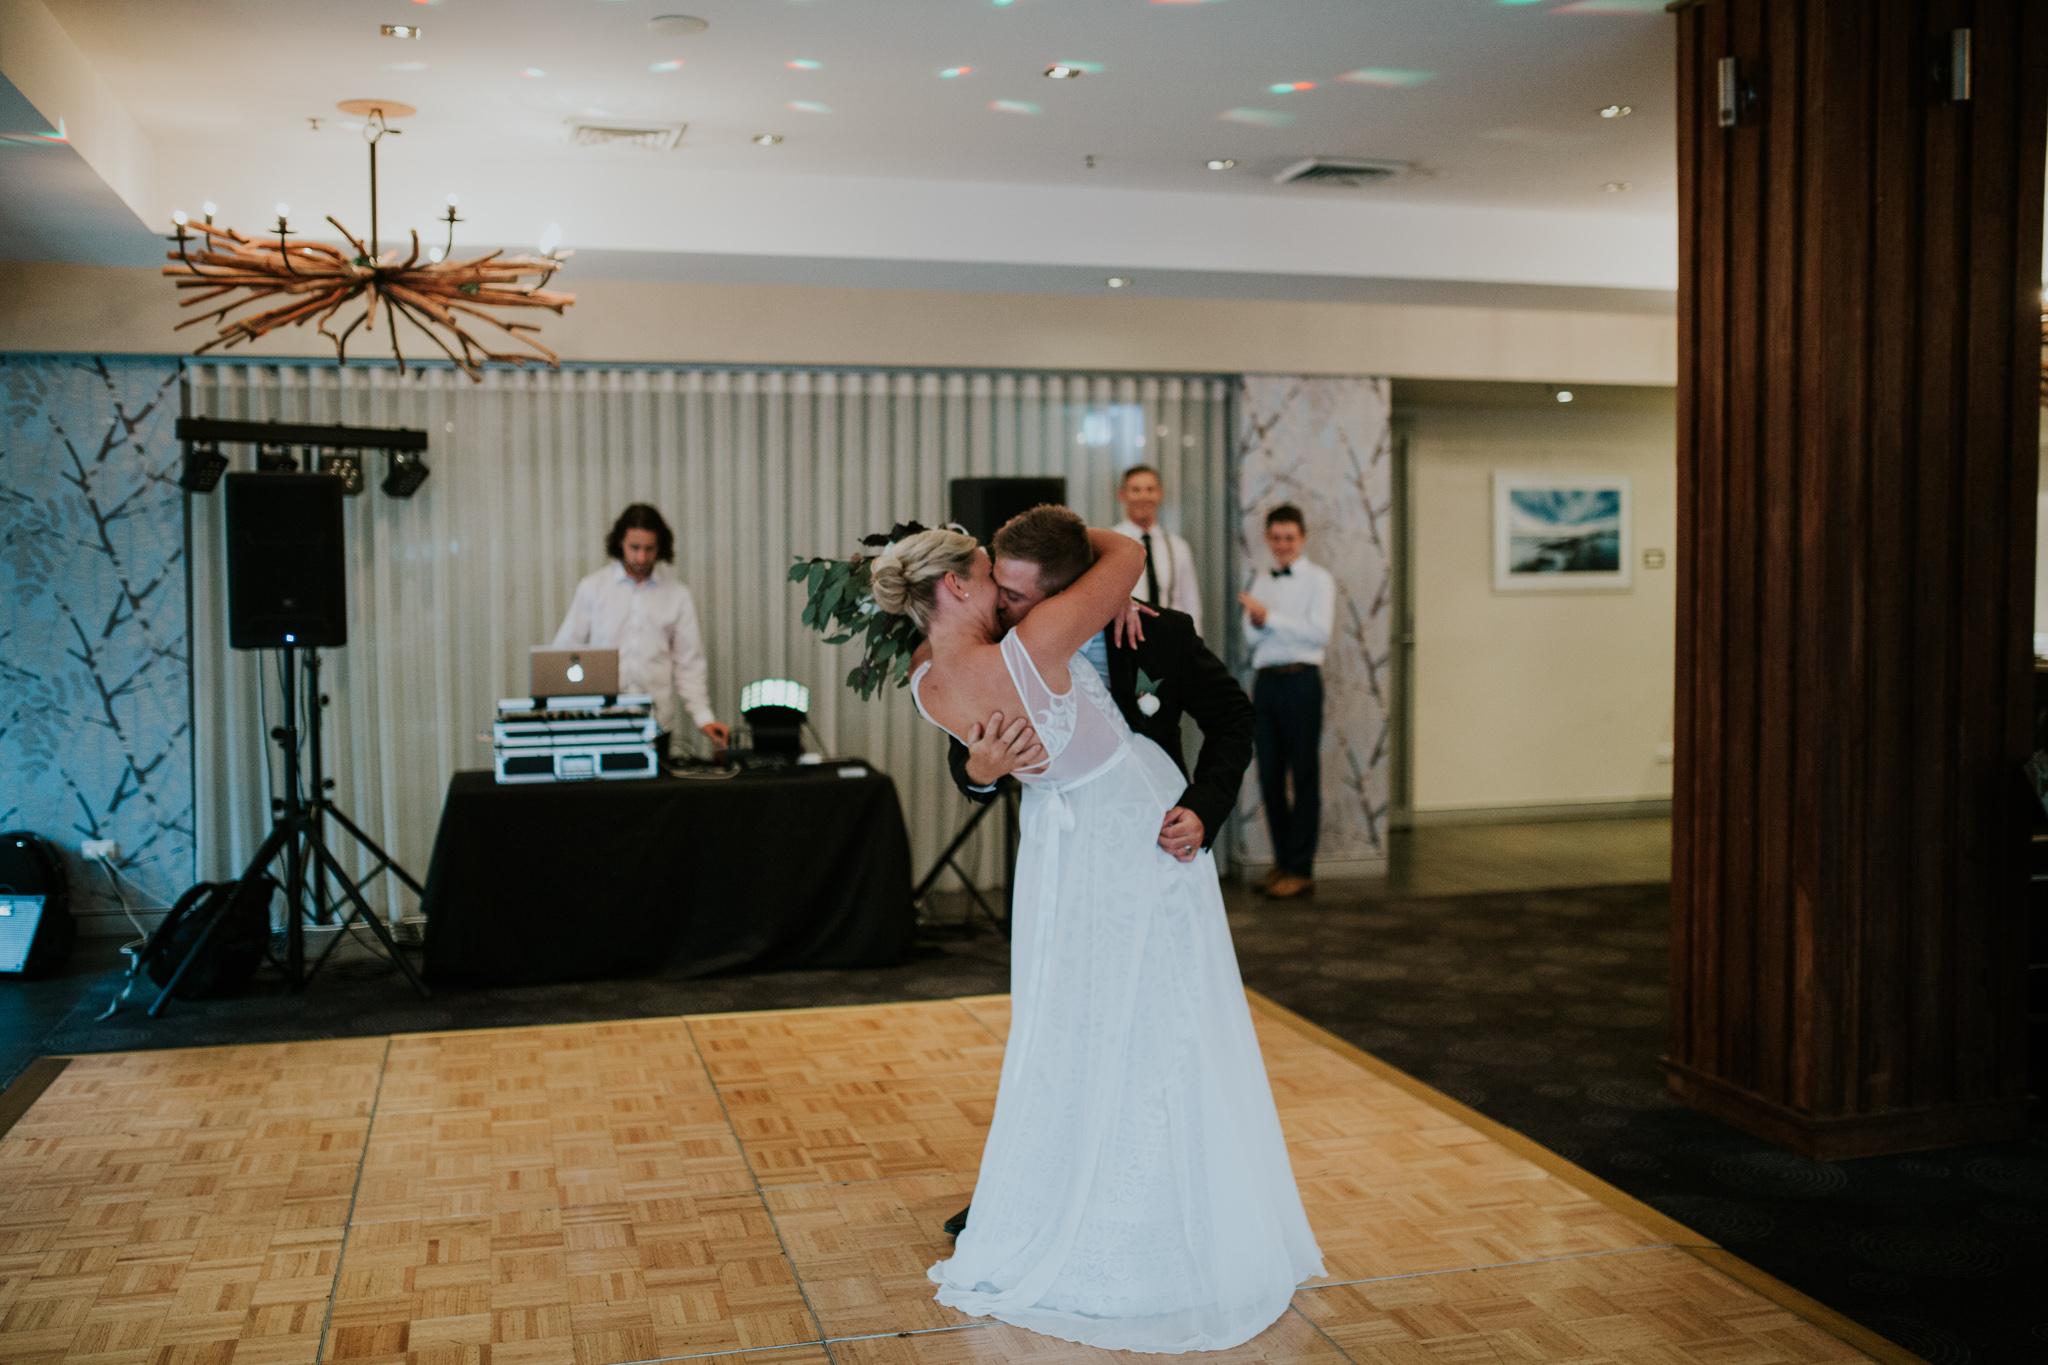 Lucy+Kyle+Kiama+Sebel+wedding-131.jpg